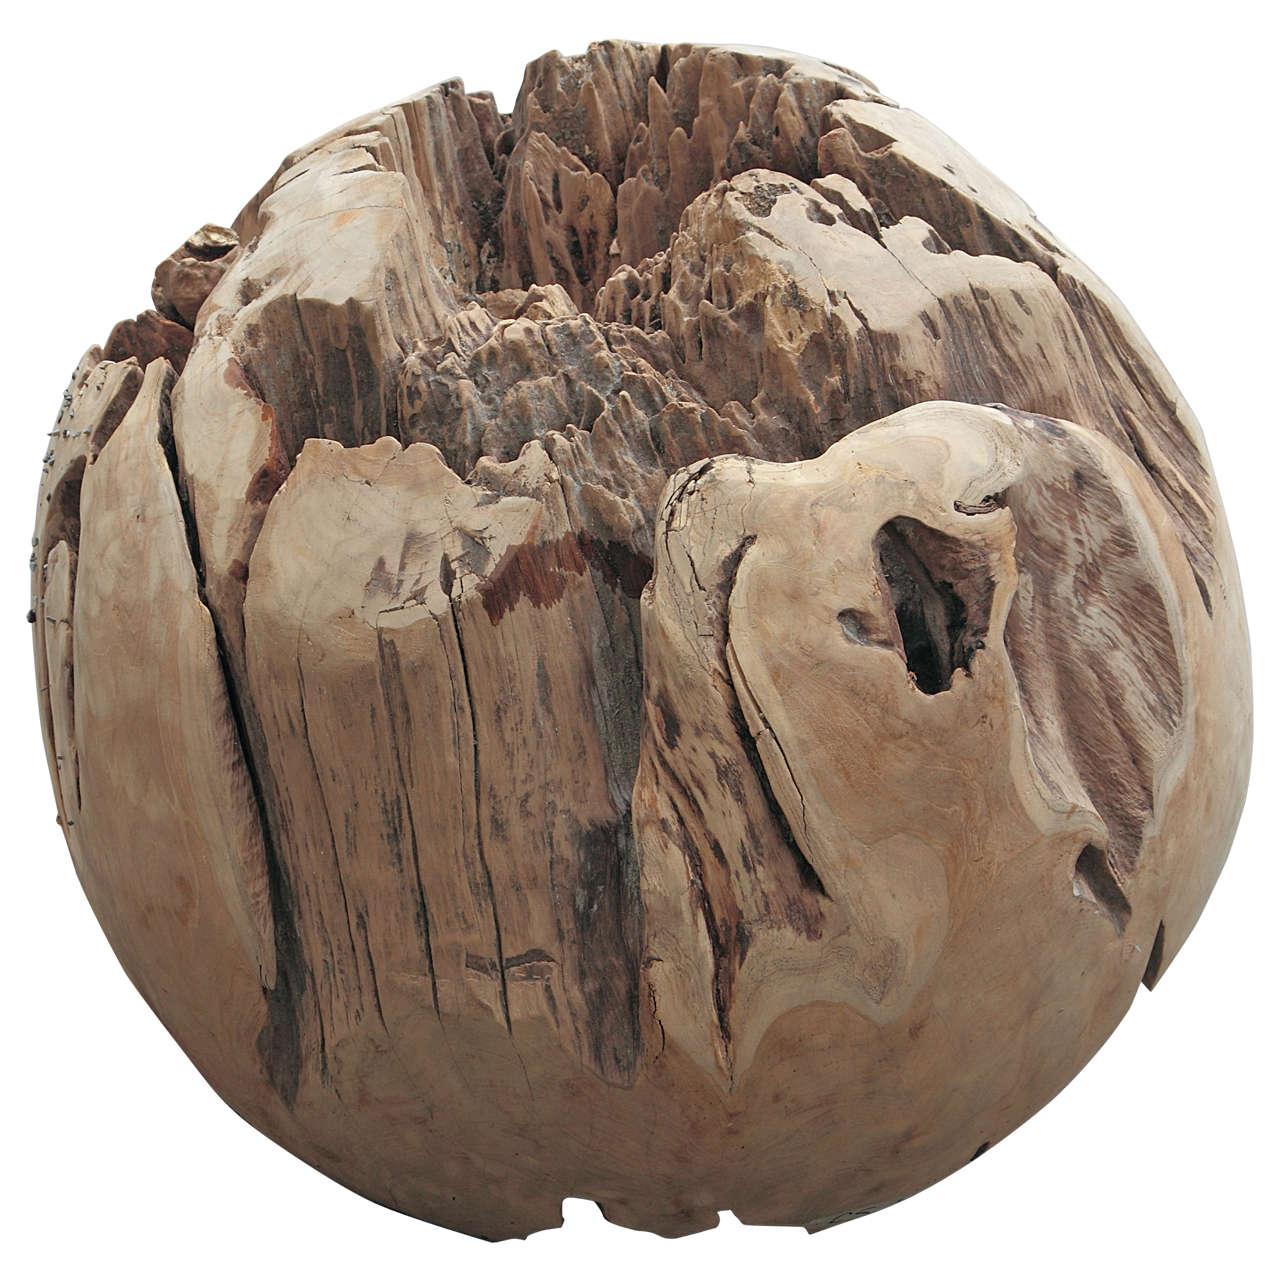 Large teak balls for home decor or garden accessories for for Garden accessories sale